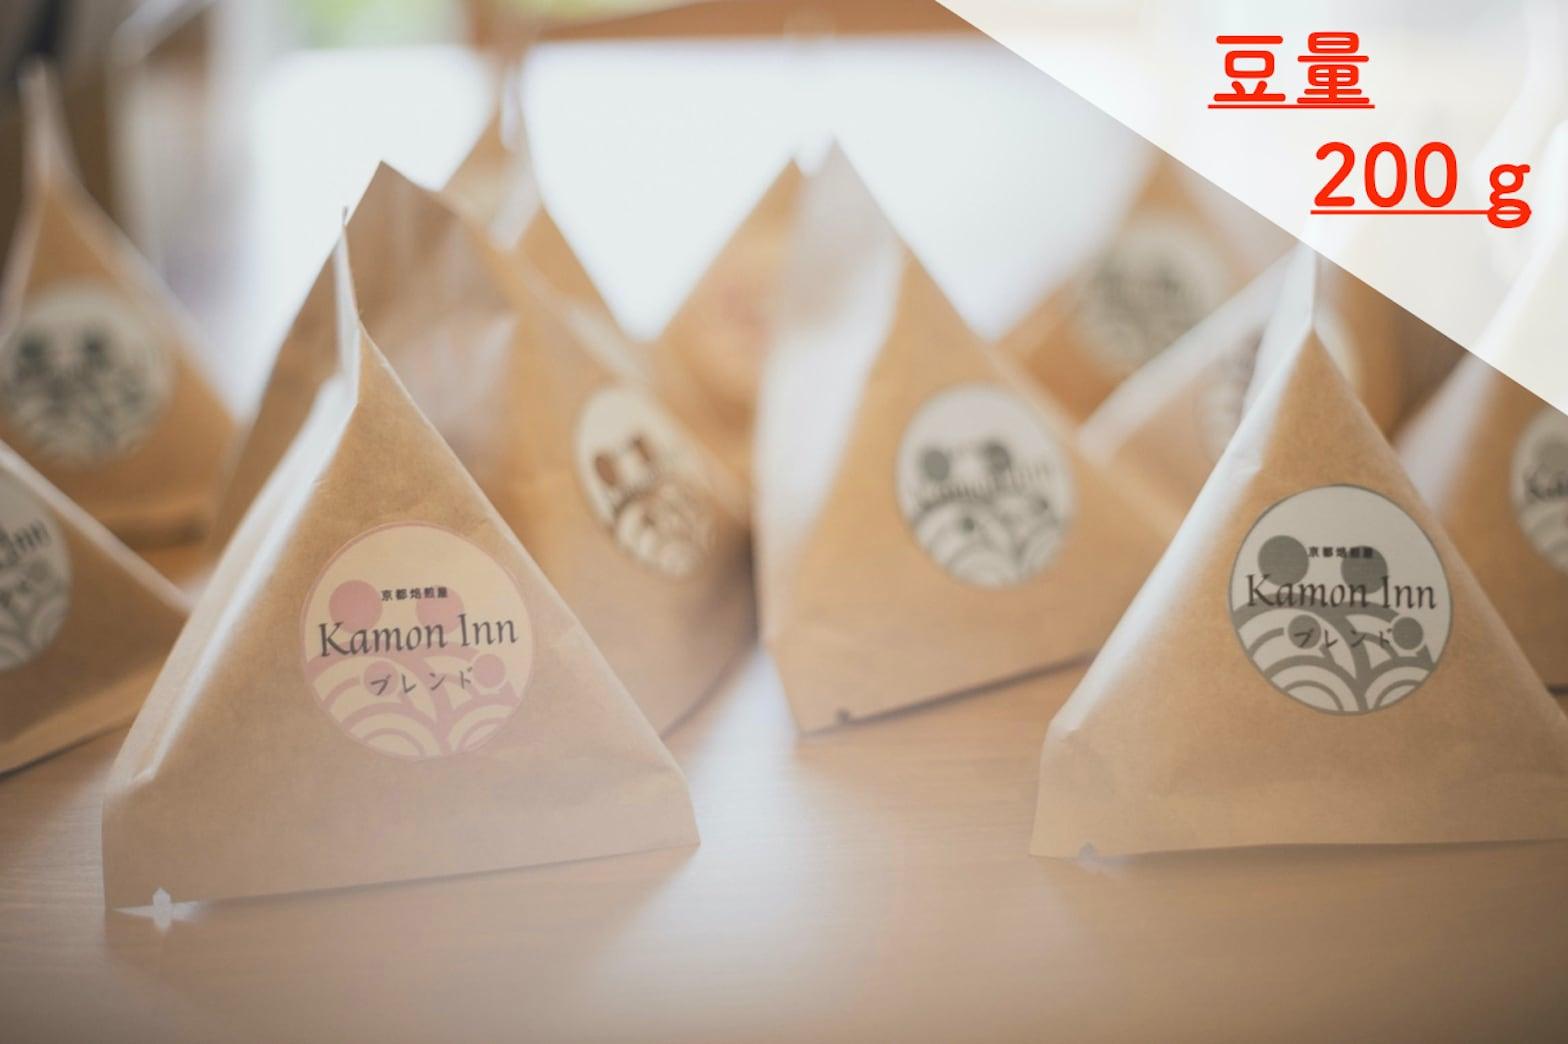 200g / オリジナルブレンドコーヒー豆【Kamon Inn ブレンド】(中煎り)-送料込み価格-